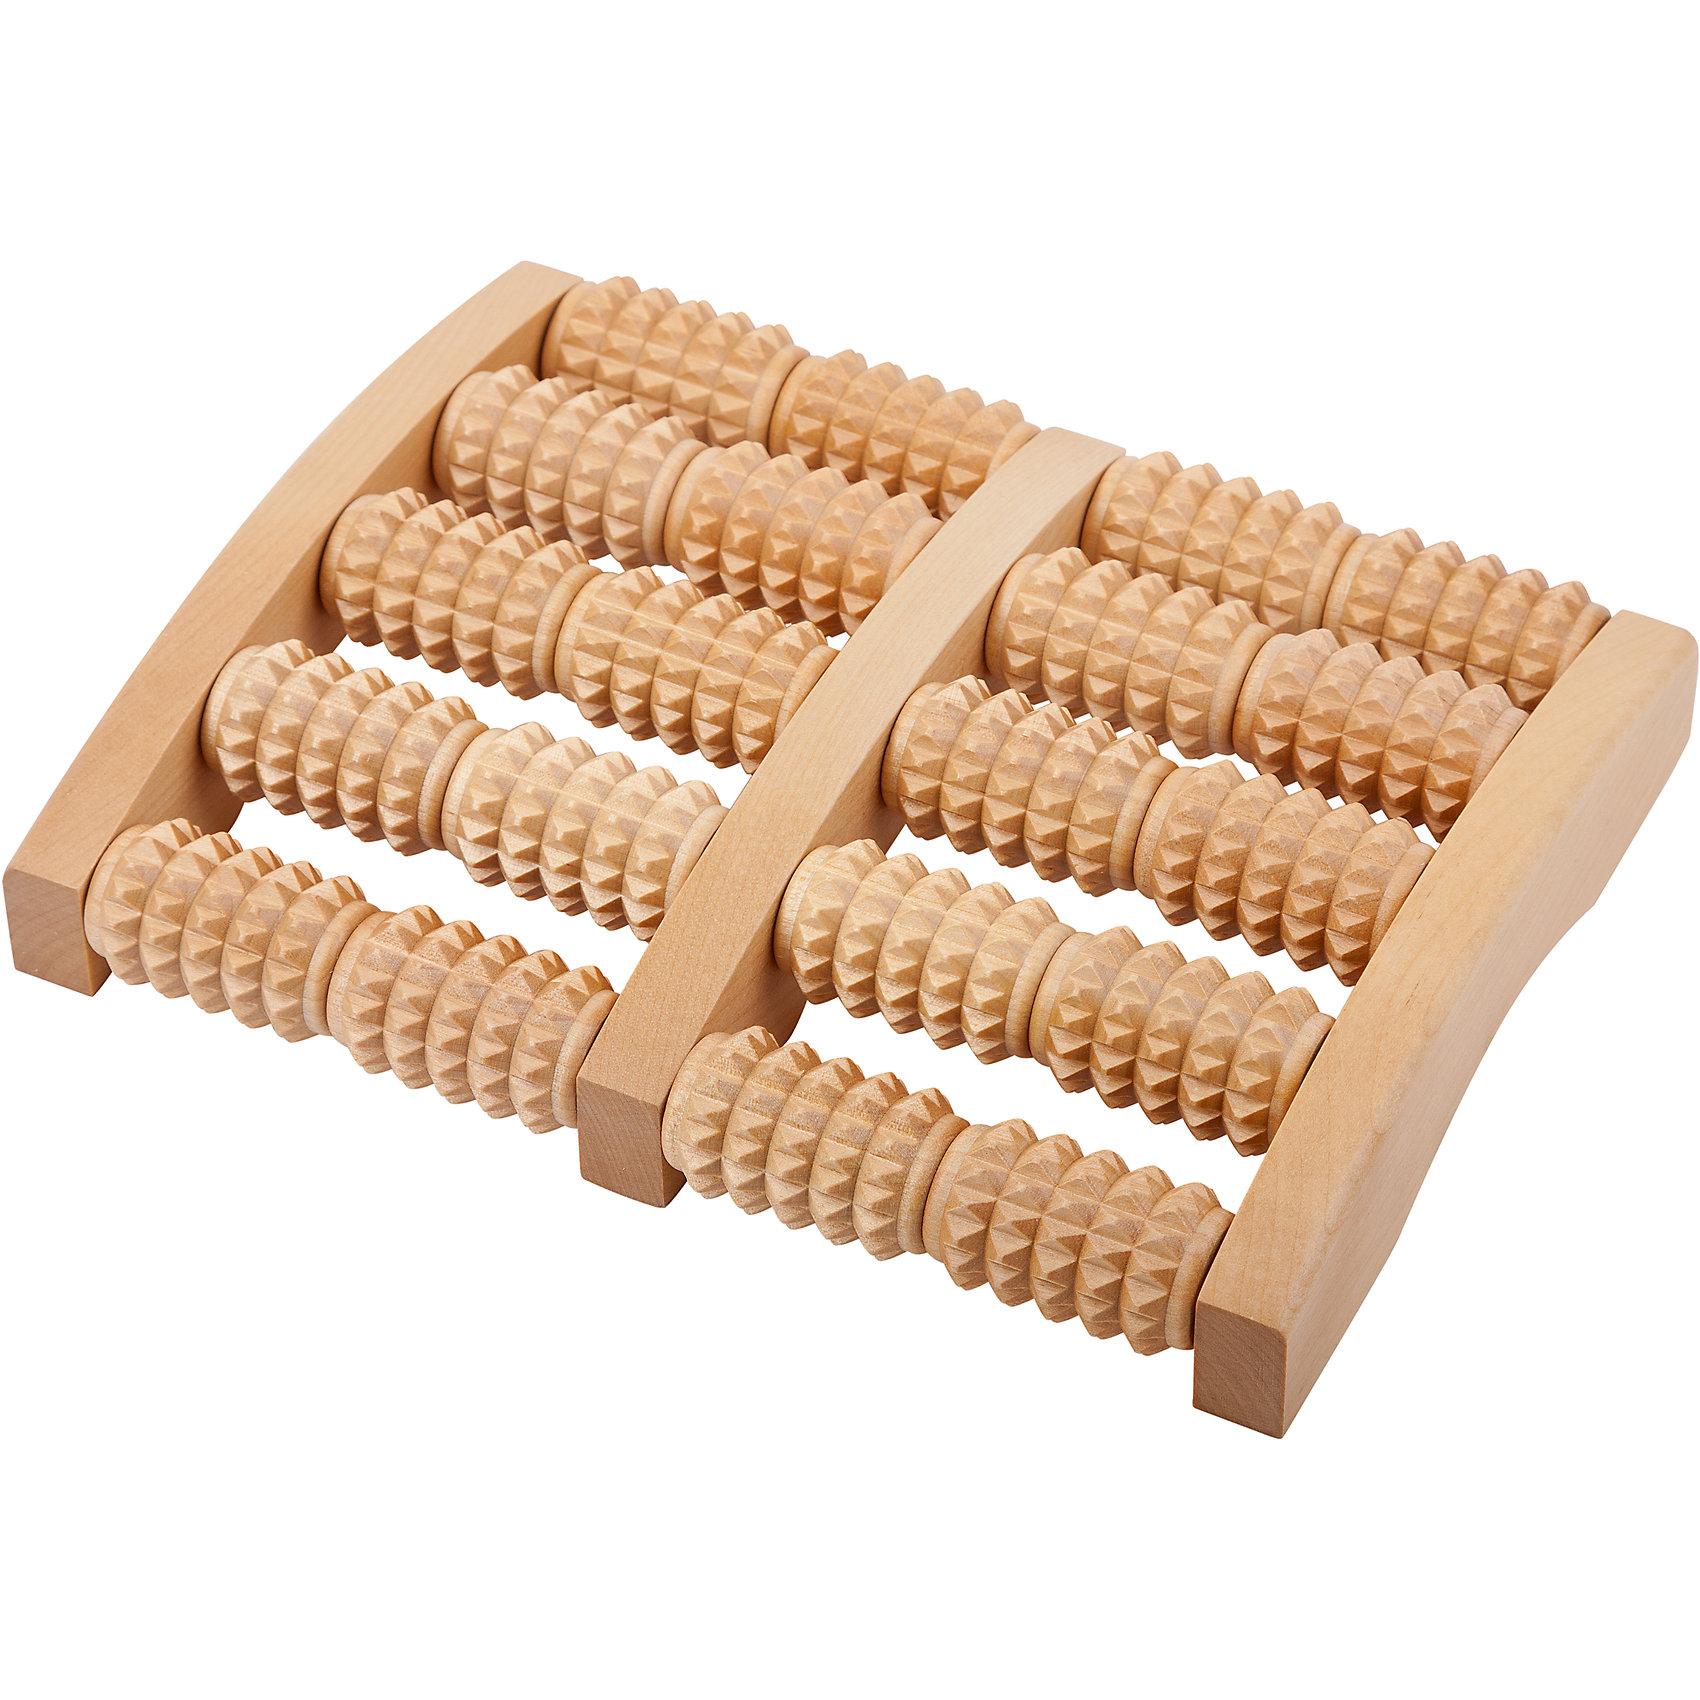 Массажер для ног, ТимбэОсновные характеристики<br><br>Размер: 47*247*191мм<br>Материал: береза<br>Цвет: натуральная древесина<br>Страна-производитель: Россия<br>Упаковка: коробка в термоусадочной пленке<br><br>Поставляется в ассортименте: мелкорифленый, рифленый, с шипами!<br><br>На ступнях человека расположено очень нервных окончаний, которые образуют рефлекторные зоны, связанные с определенными внутренними органами. <br>При их массаже происходит активизация защитных функций организма. Массажеры для стоп позволят самостоятельно производить несложный массаж, не требующий специальных навыков.<br><br>Ширина мм: 240<br>Глубина мм: 200<br>Высота мм: 40<br>Вес г: 529<br>Возраст от месяцев: 36<br>Возраст до месяцев: 192<br>Пол: Унисекс<br>Возраст: Детский<br>SKU: 5056621